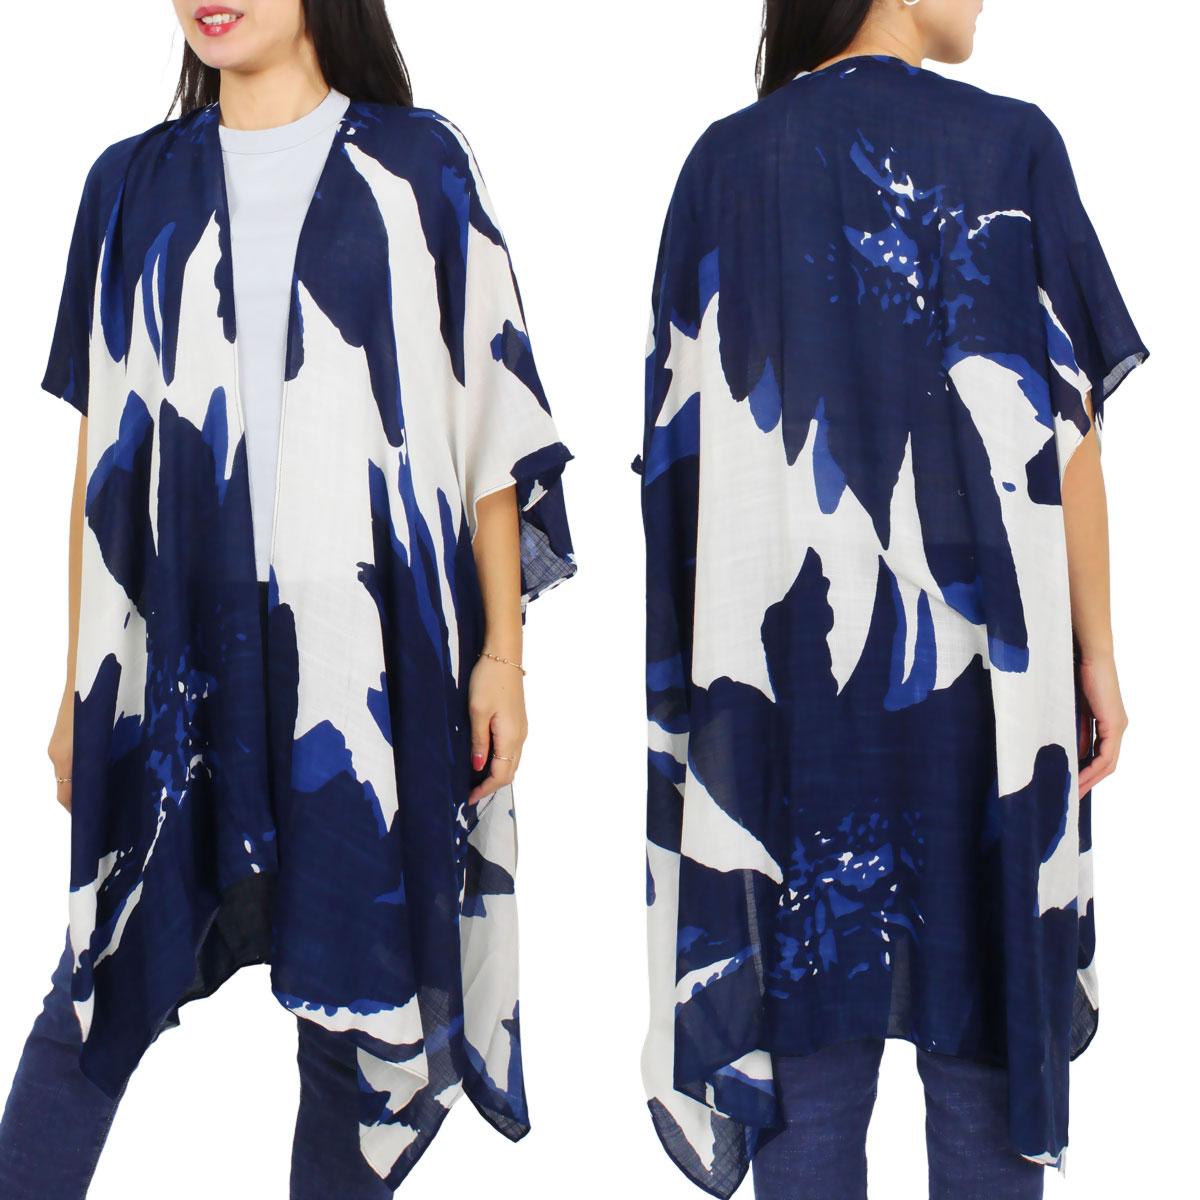 Kimono -Abstract Blues 5082